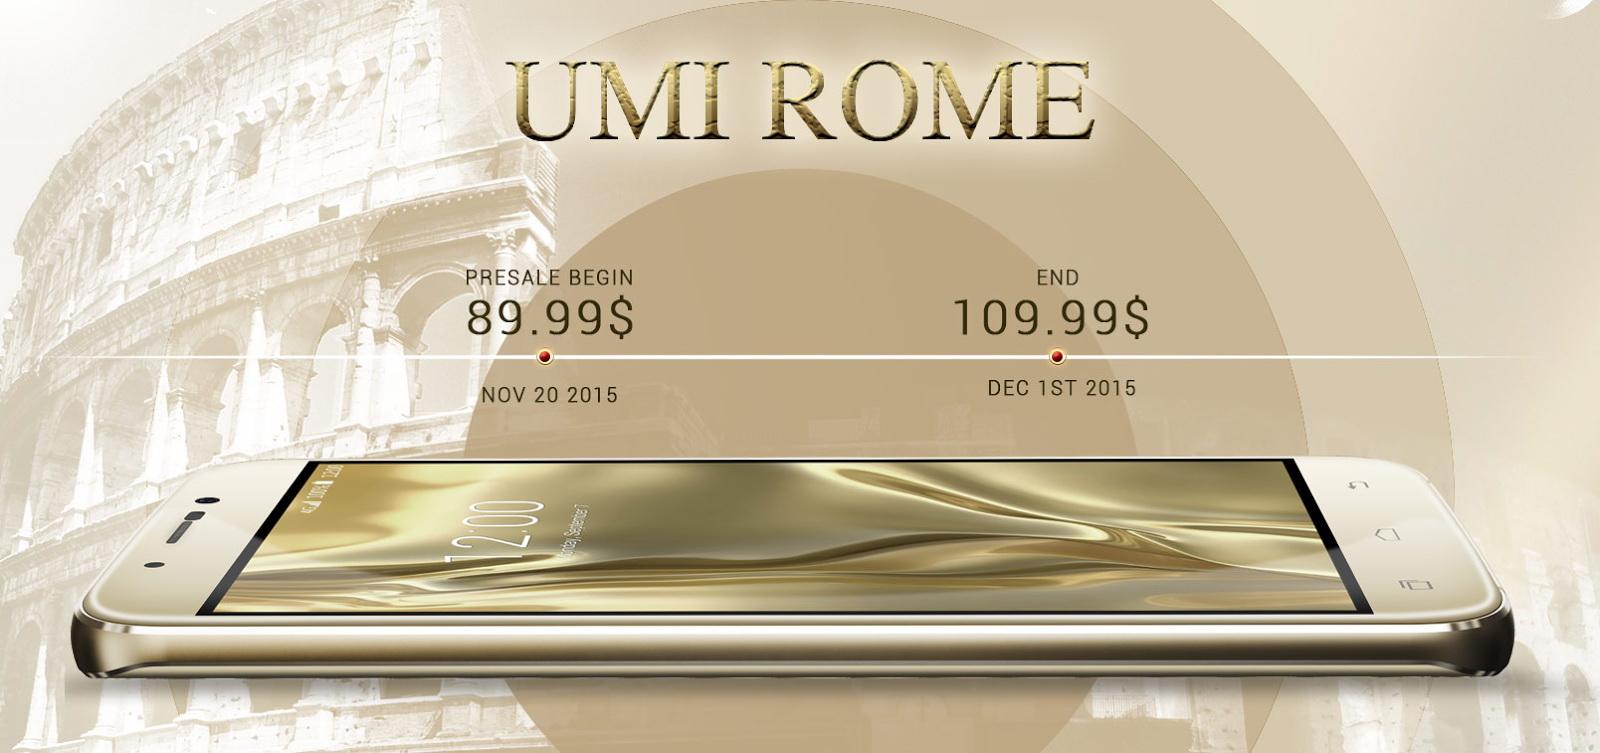 UMi Rome, phablet-ul cu 3 GB RAM și preț de 90 dolari, înregistrează 100.000 pre-comenzi